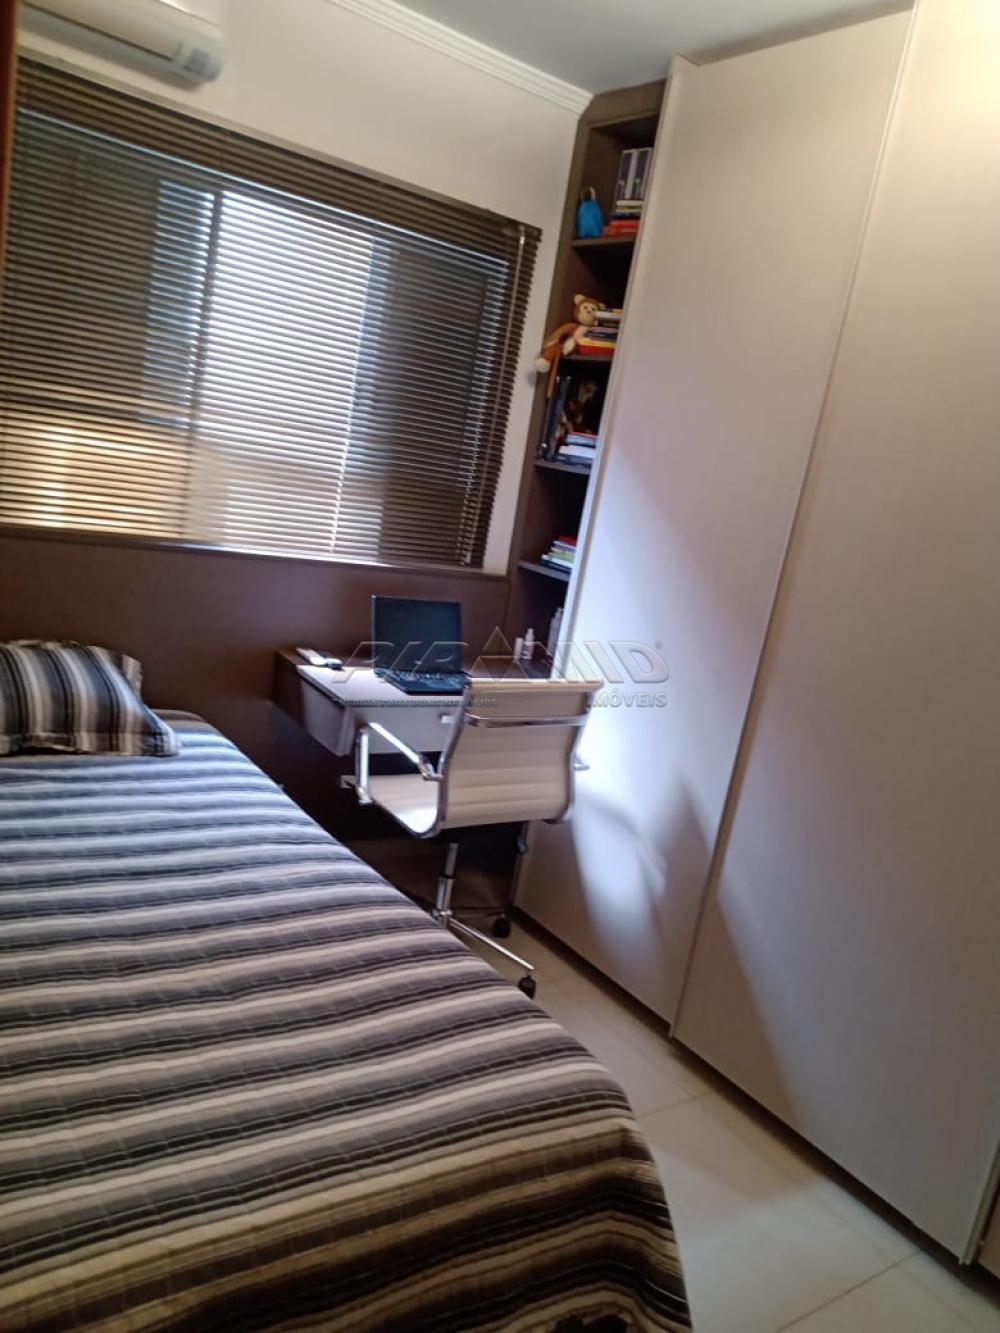 Comprar Casa / Condomínio em Ribeirão Preto R$ 490.000,00 - Foto 8